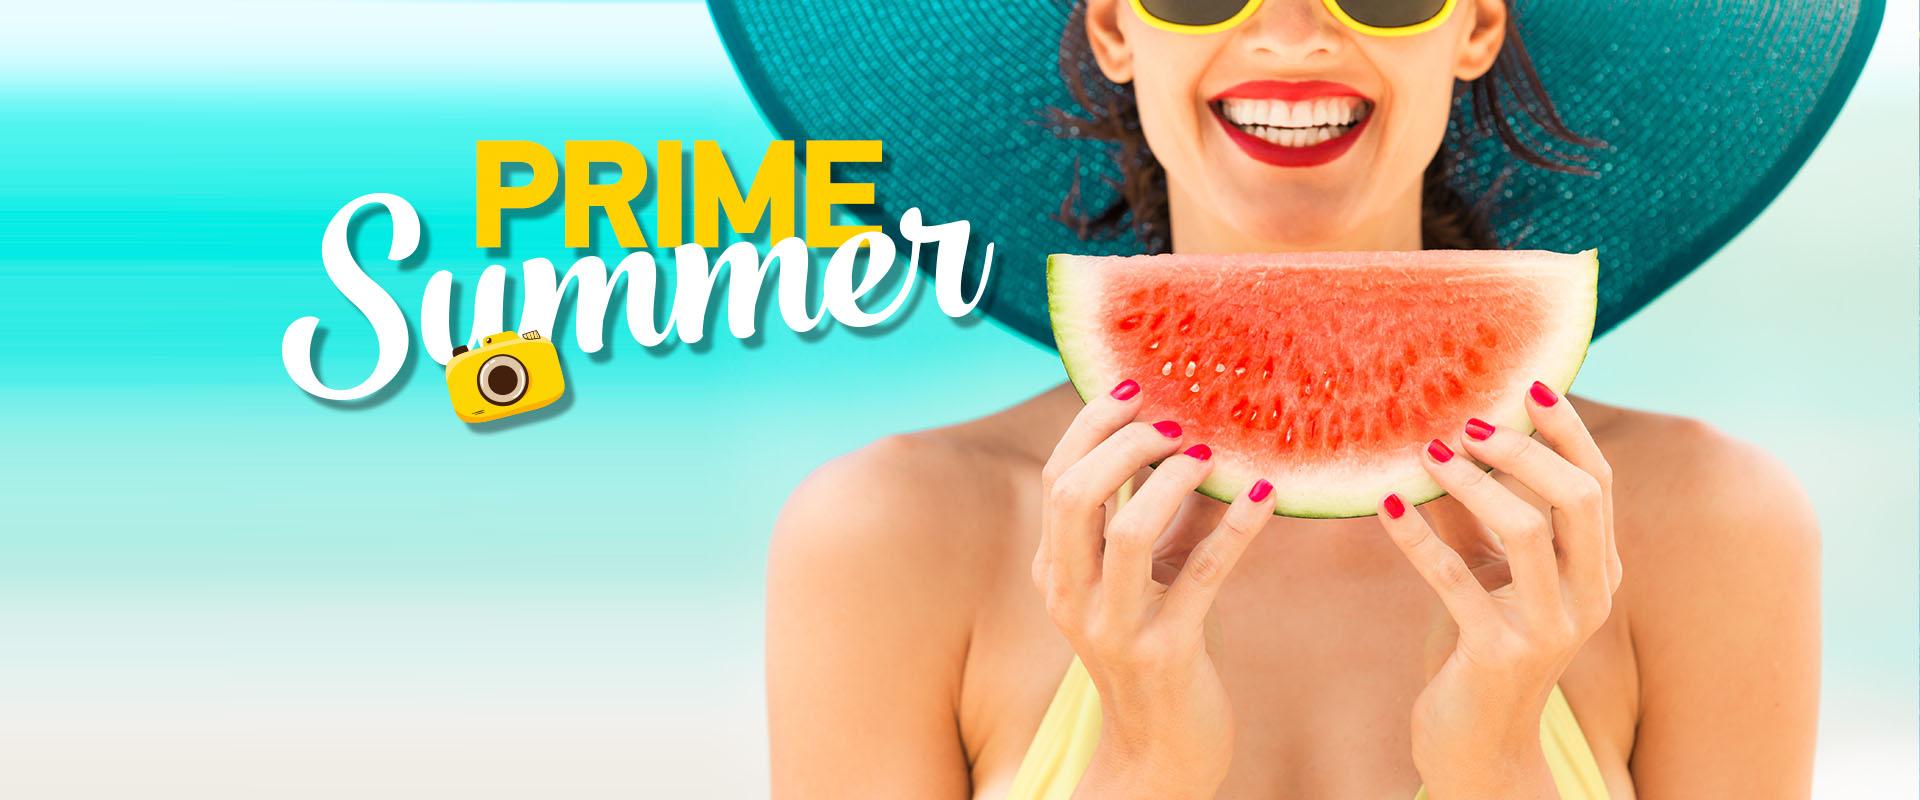 Ζήσε το δικό σου Prime Summer